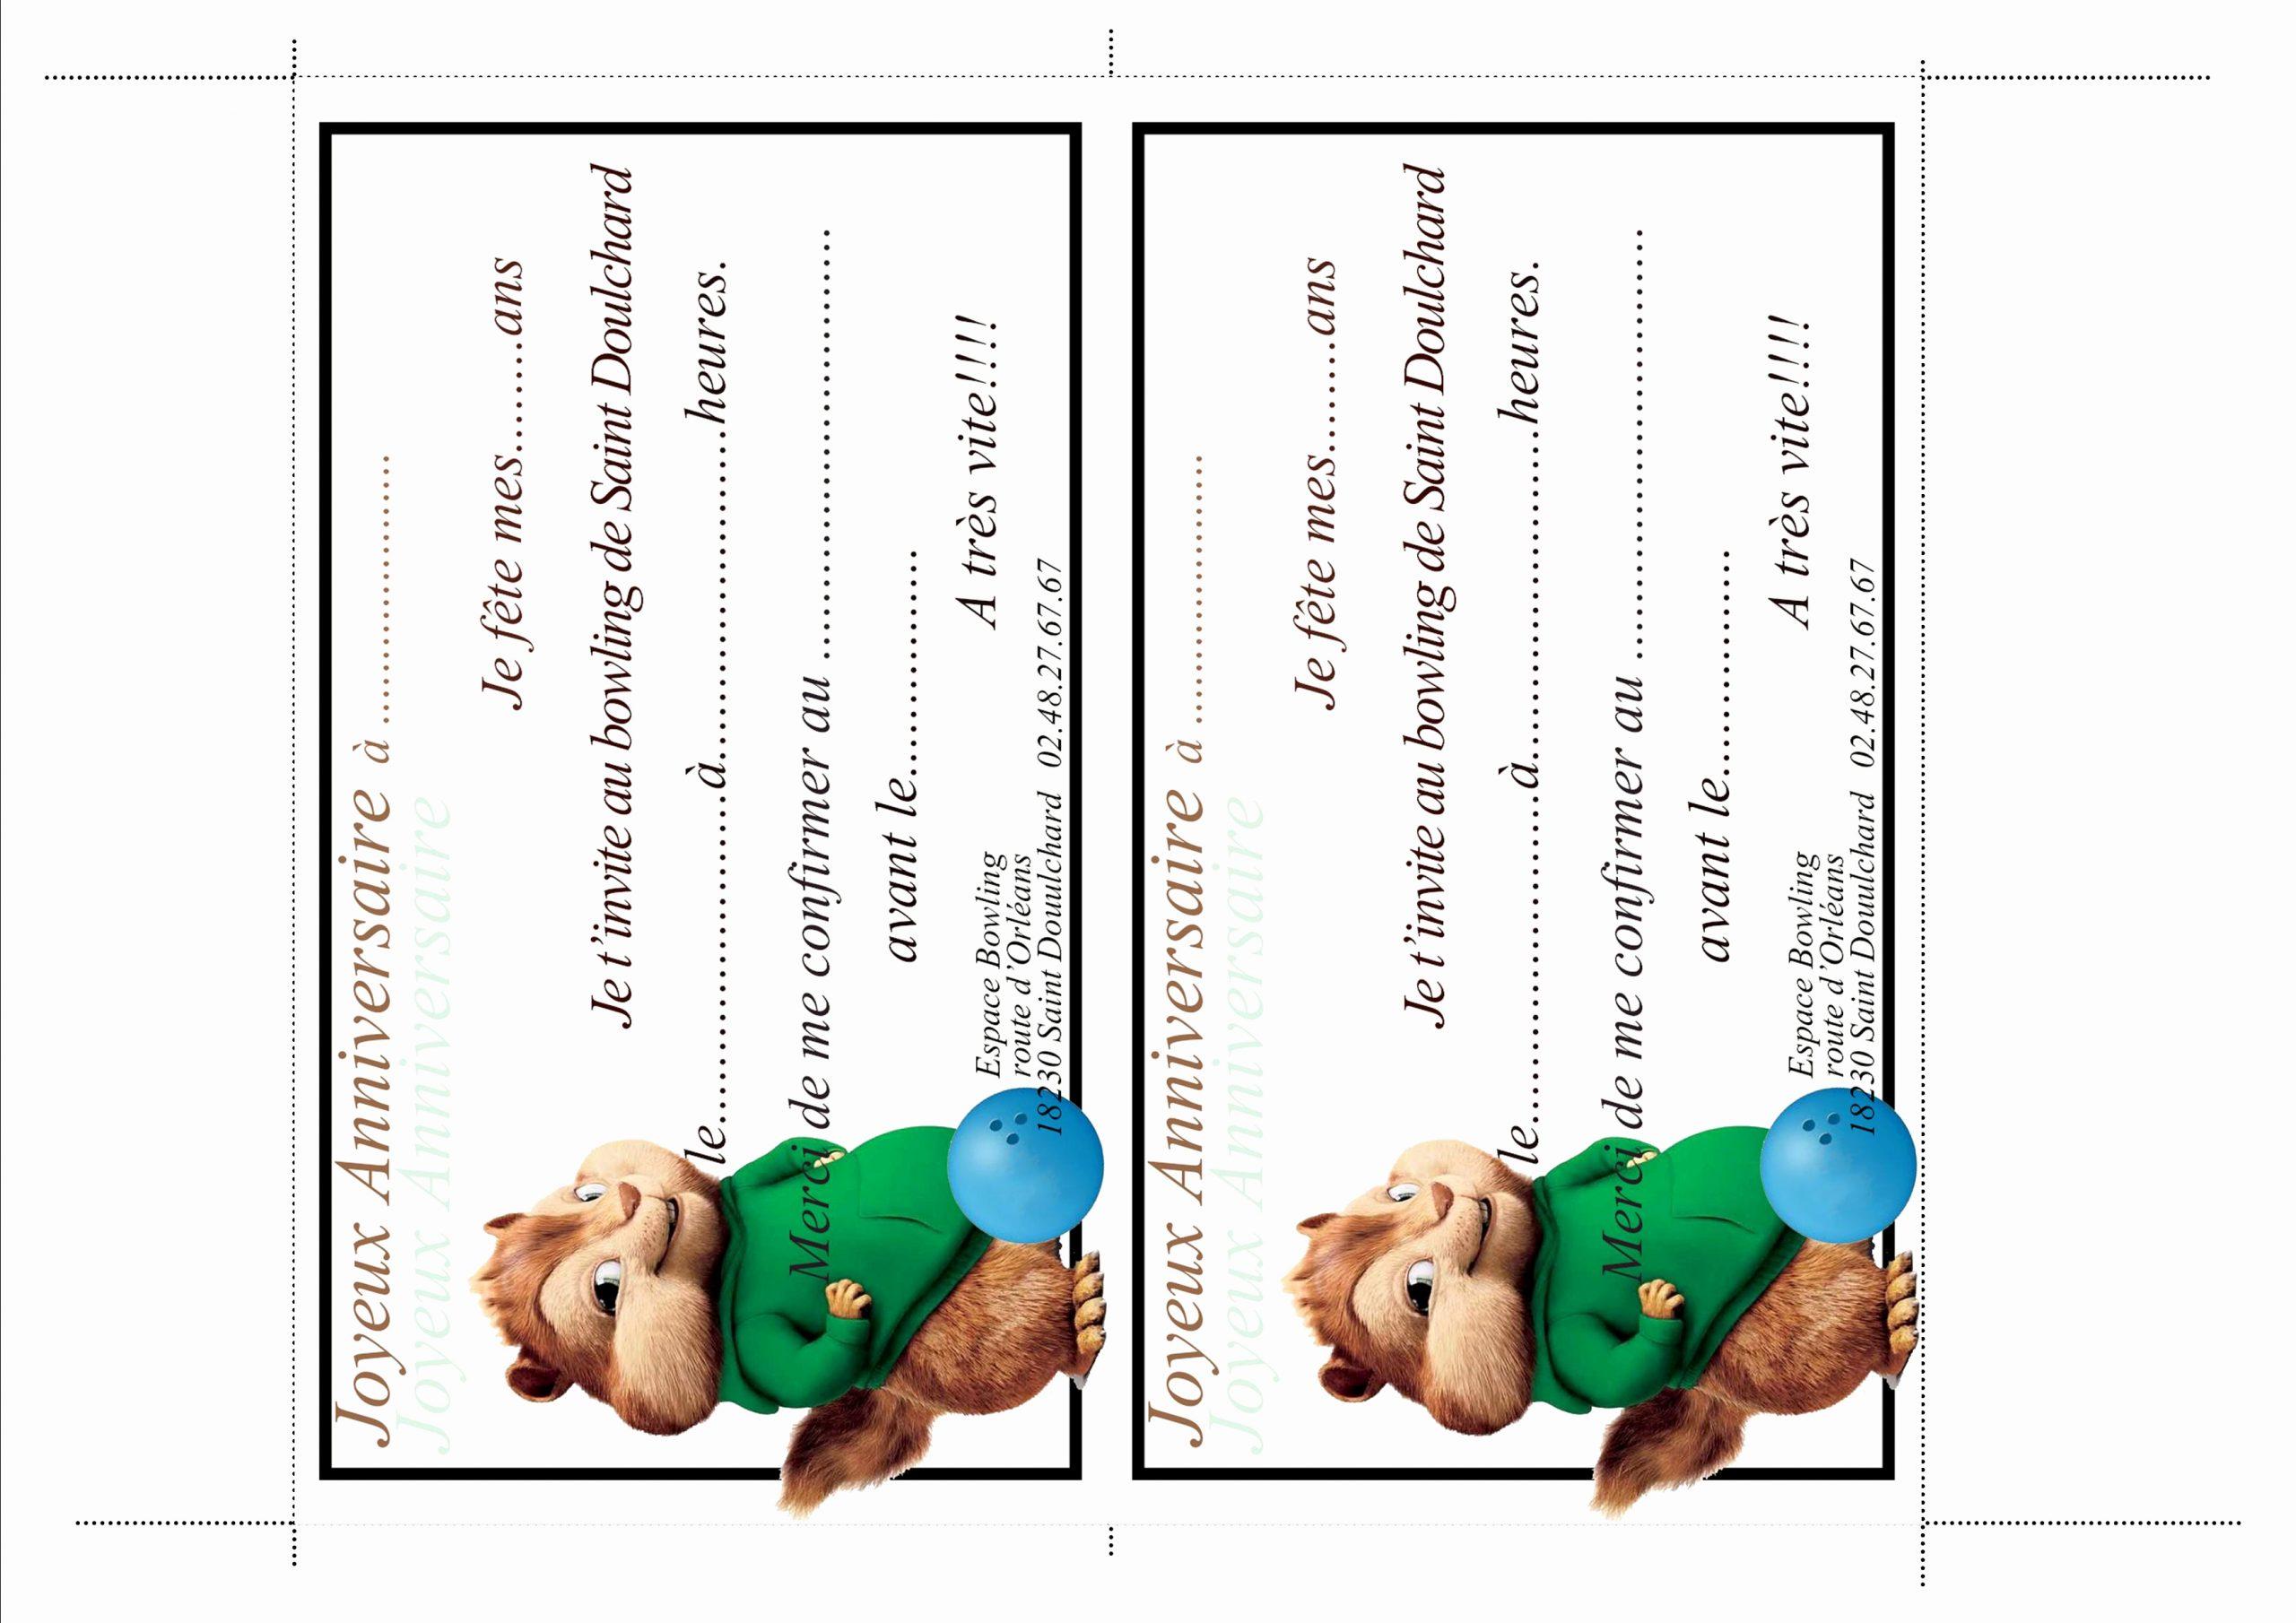 Jeux Pour Fete Danniversaire 10 Ans Nouveau Invitation avec Jeux A Imprimer Pour 10 Ans